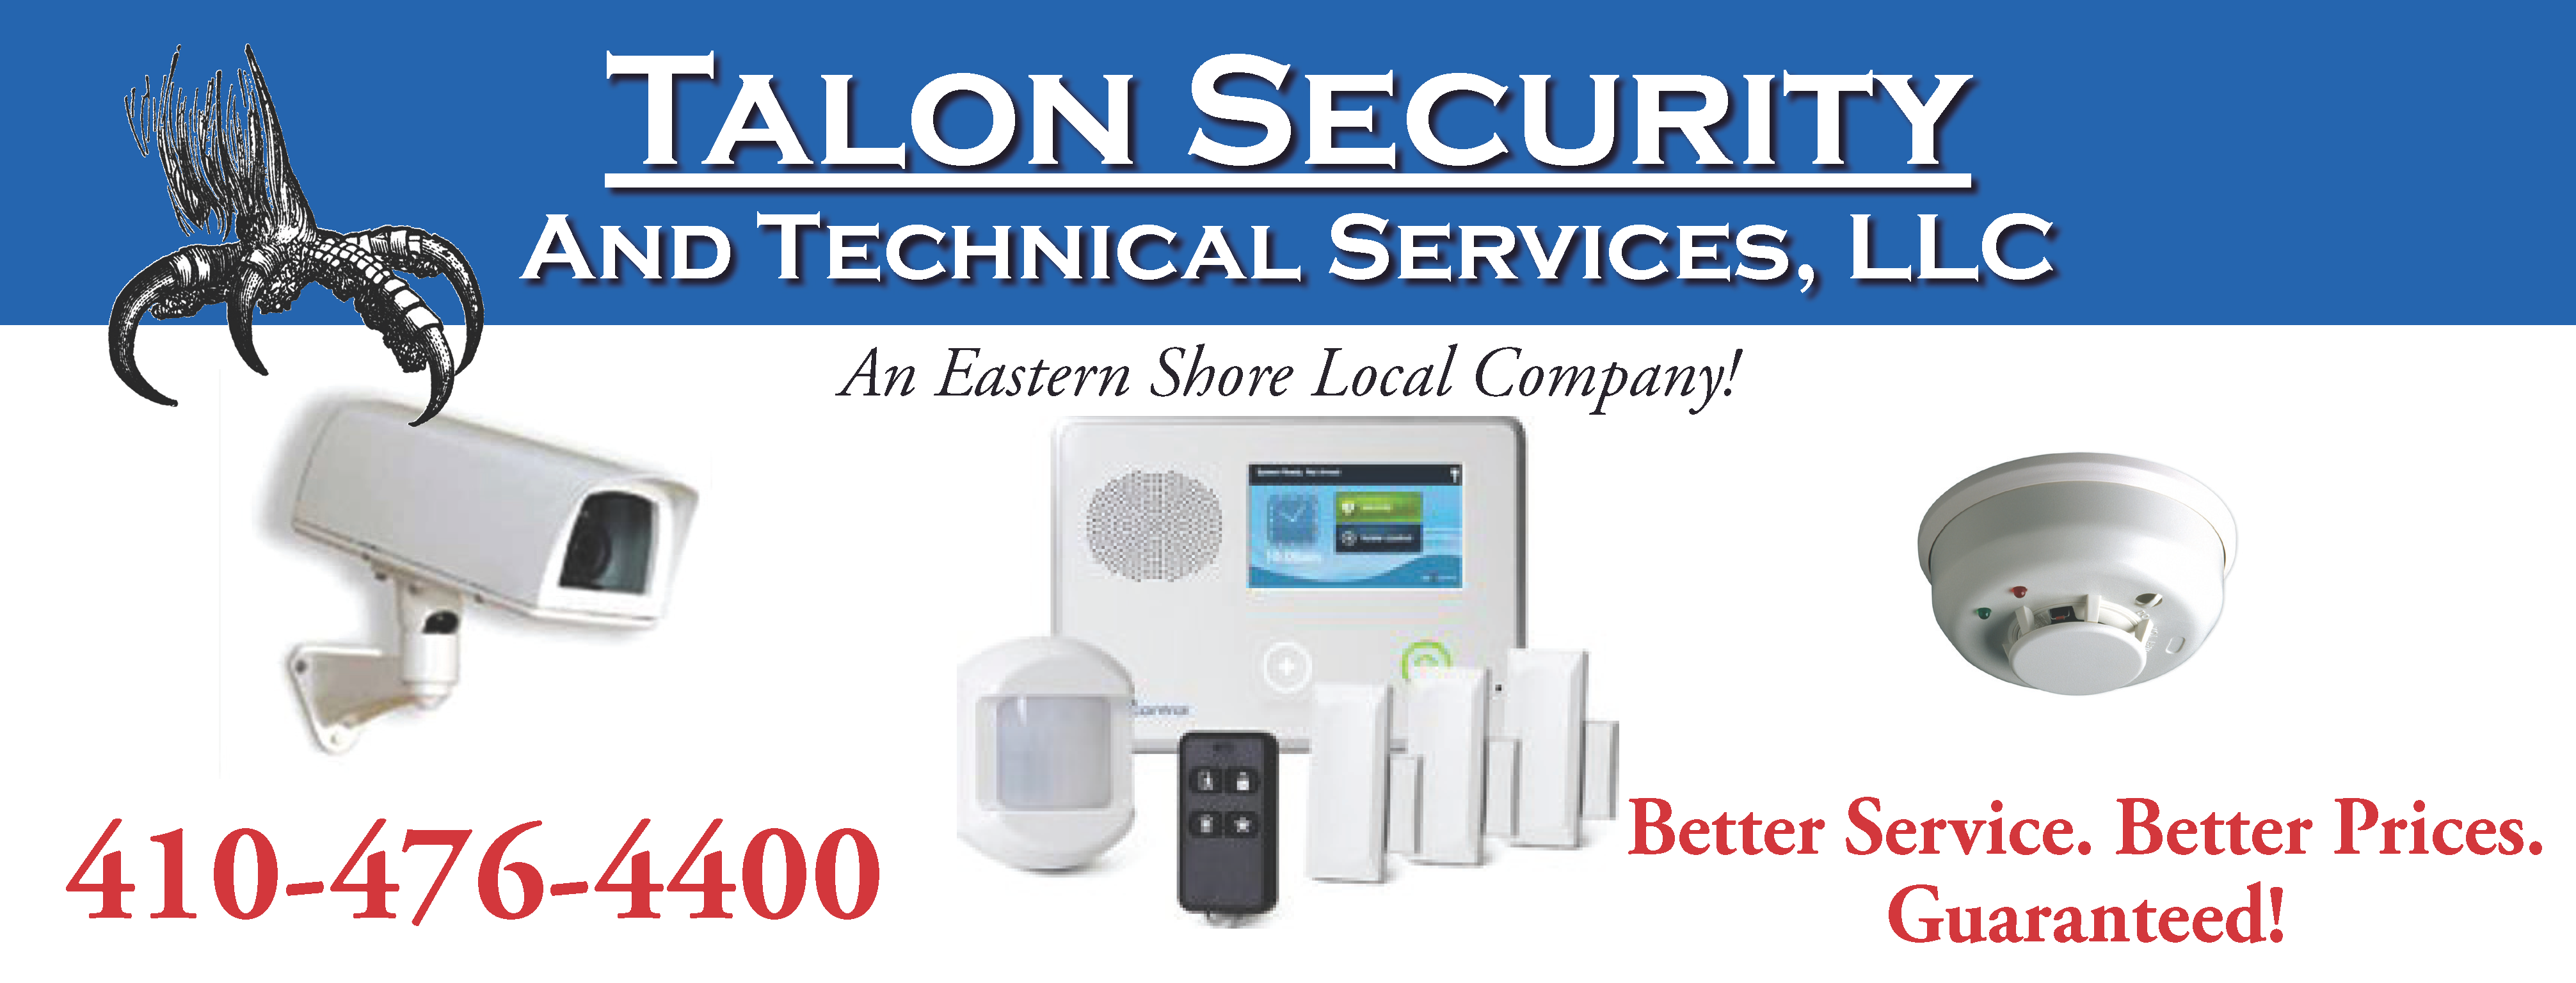 Talon Security